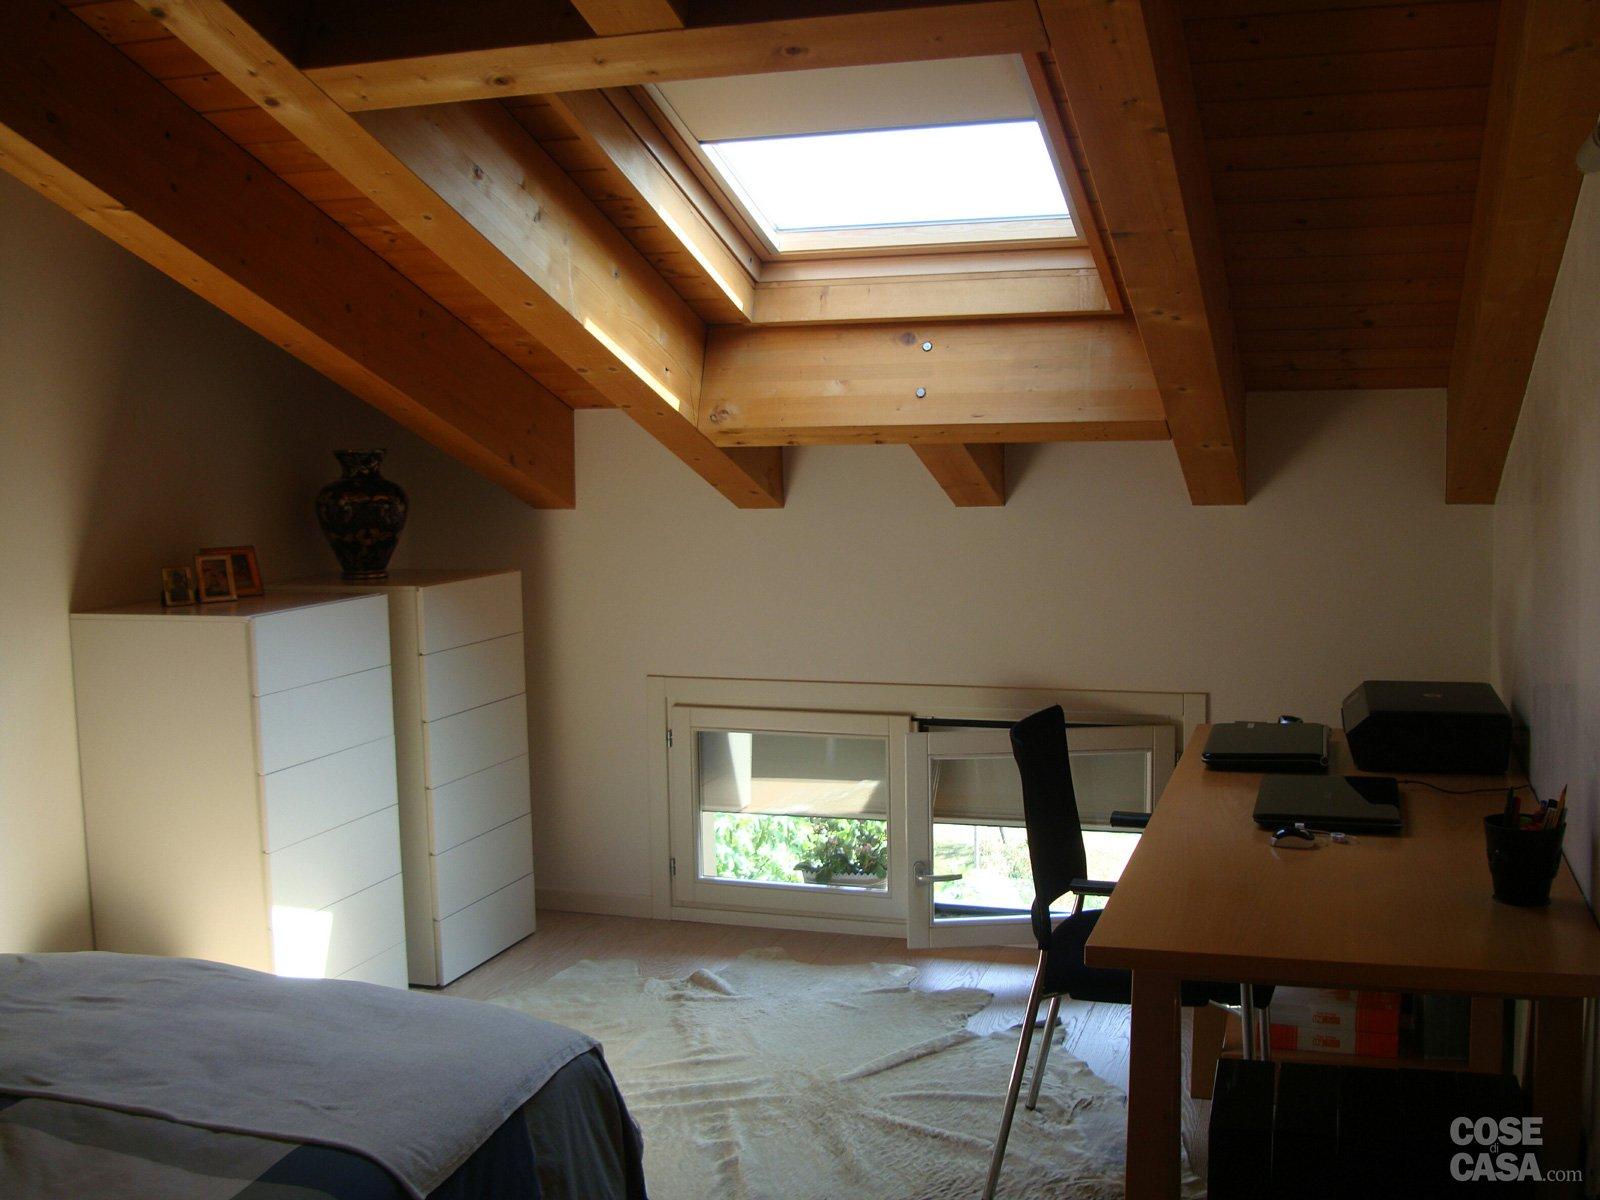 120 mq su due piani con mansarda - Cose di Casa